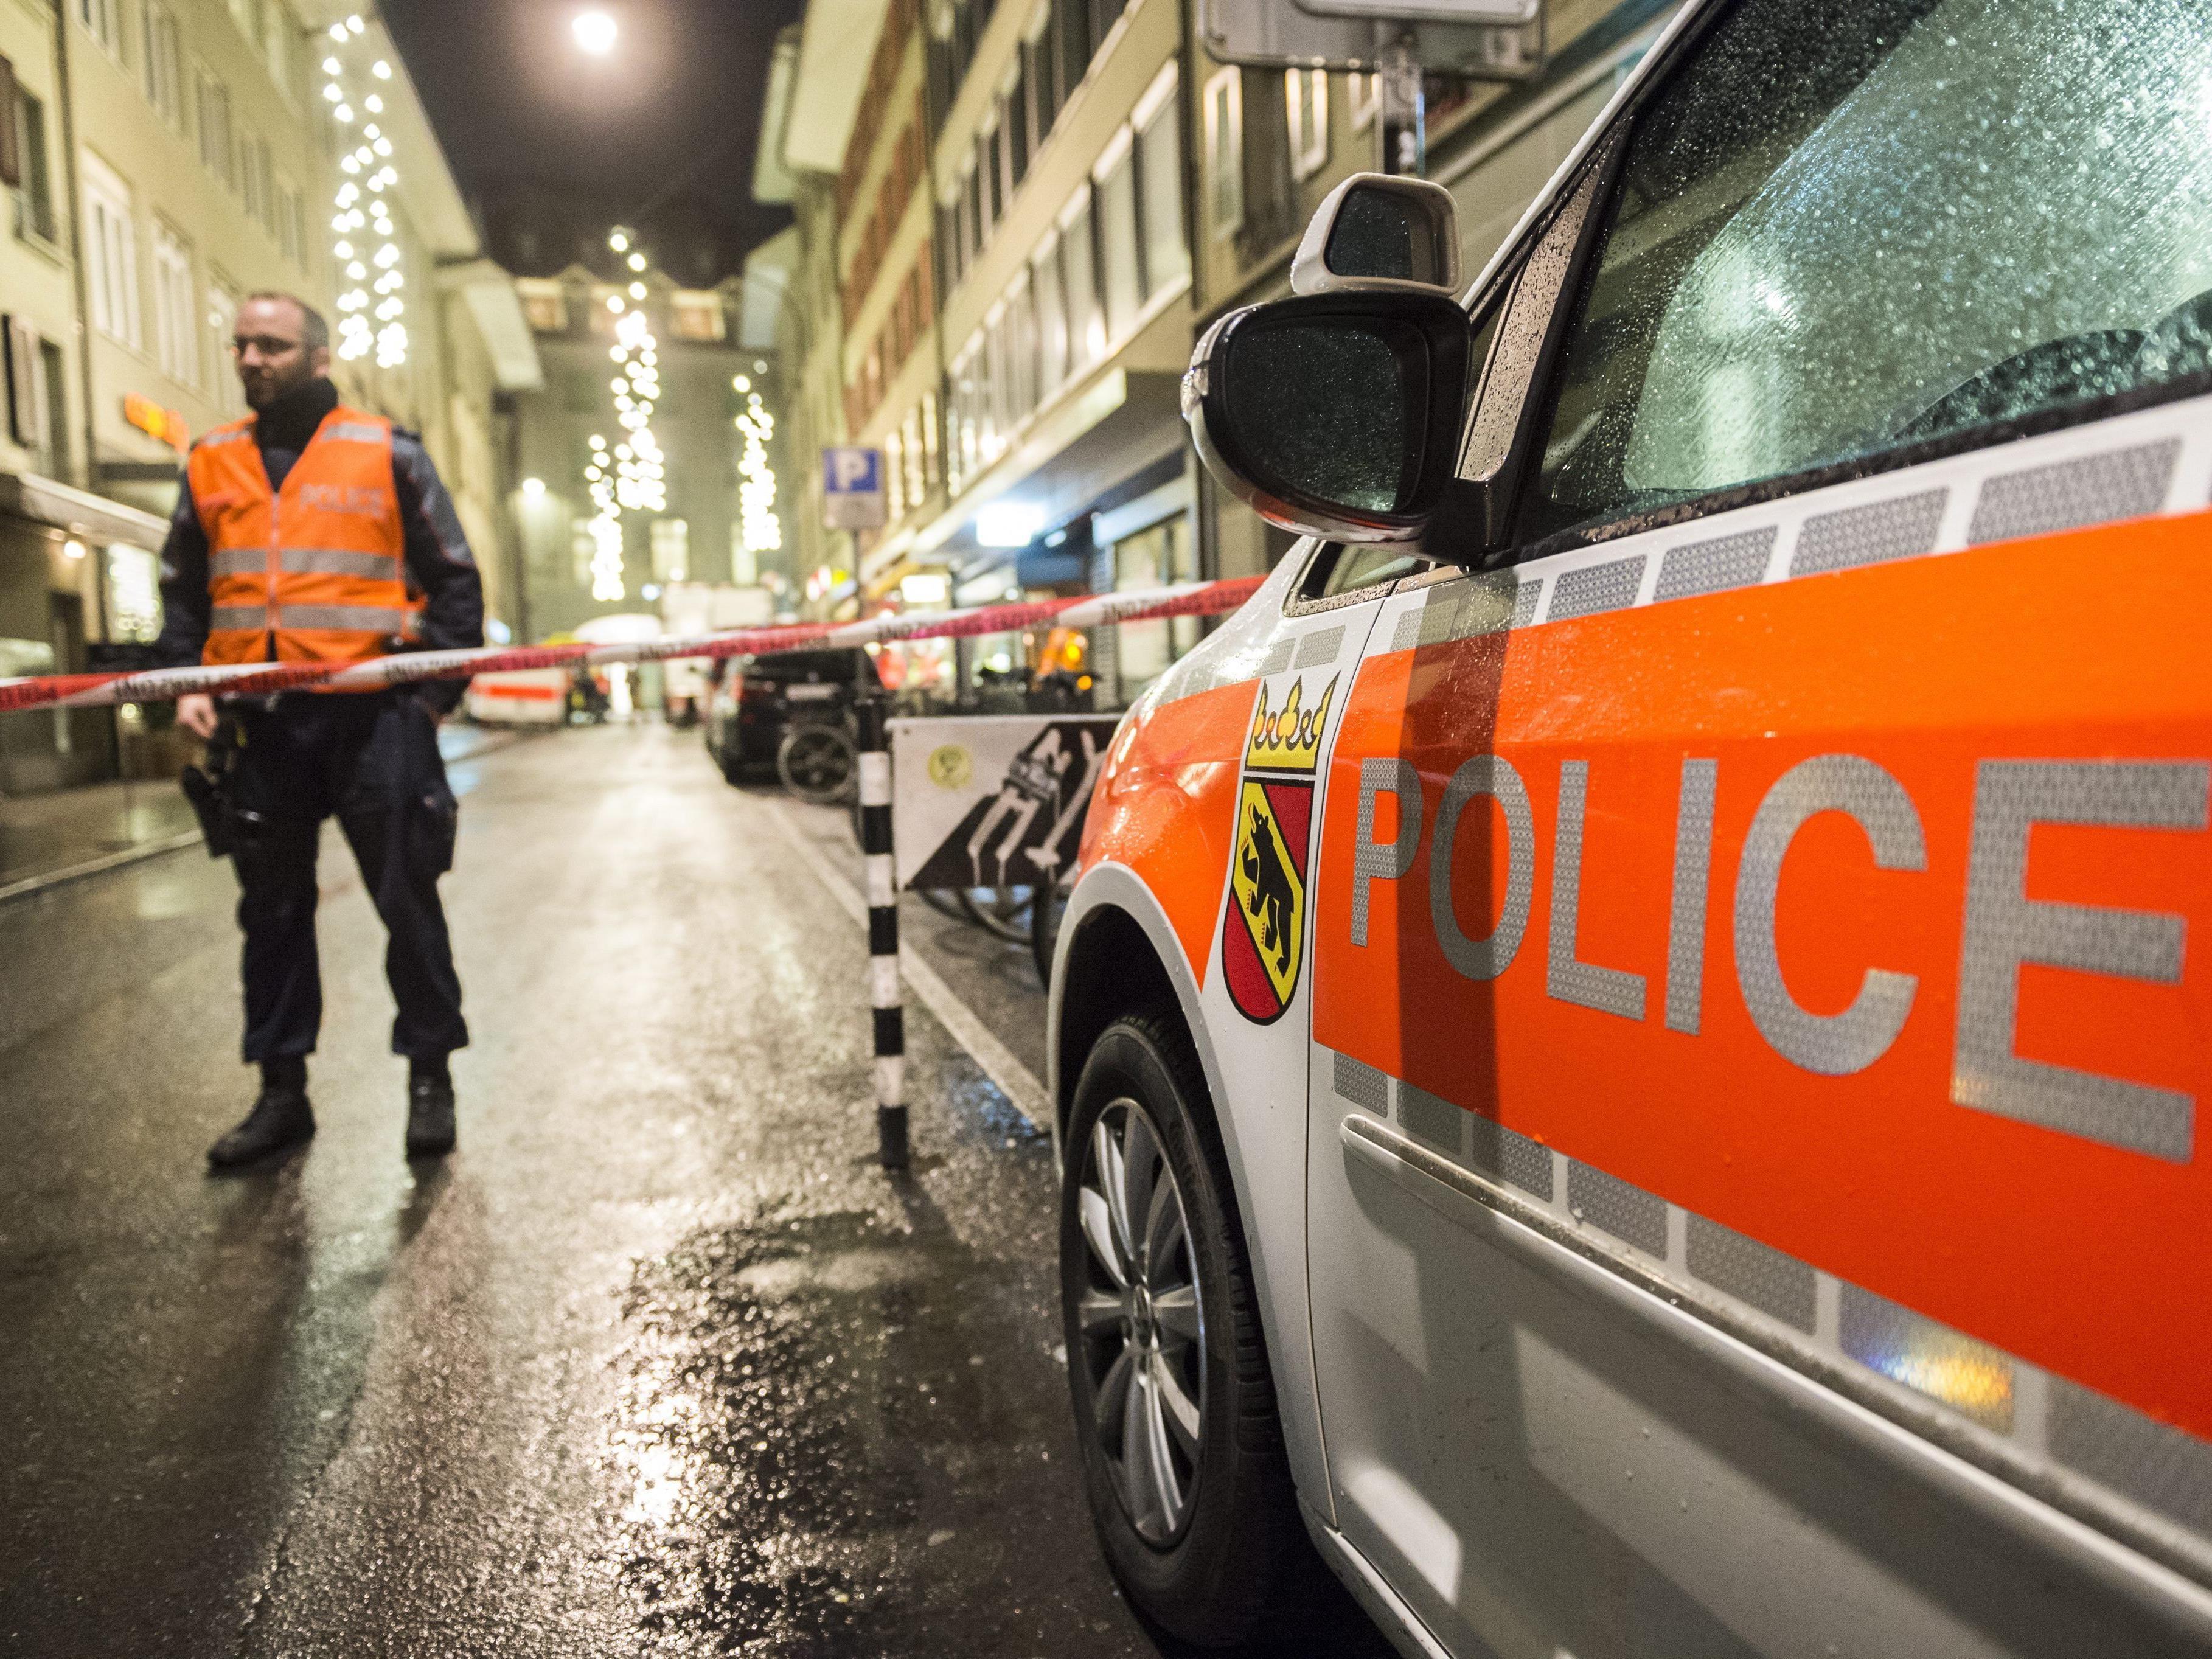 Die Schweizer Polizei sucht vier Verdächtige nach den Attacken in Paris.